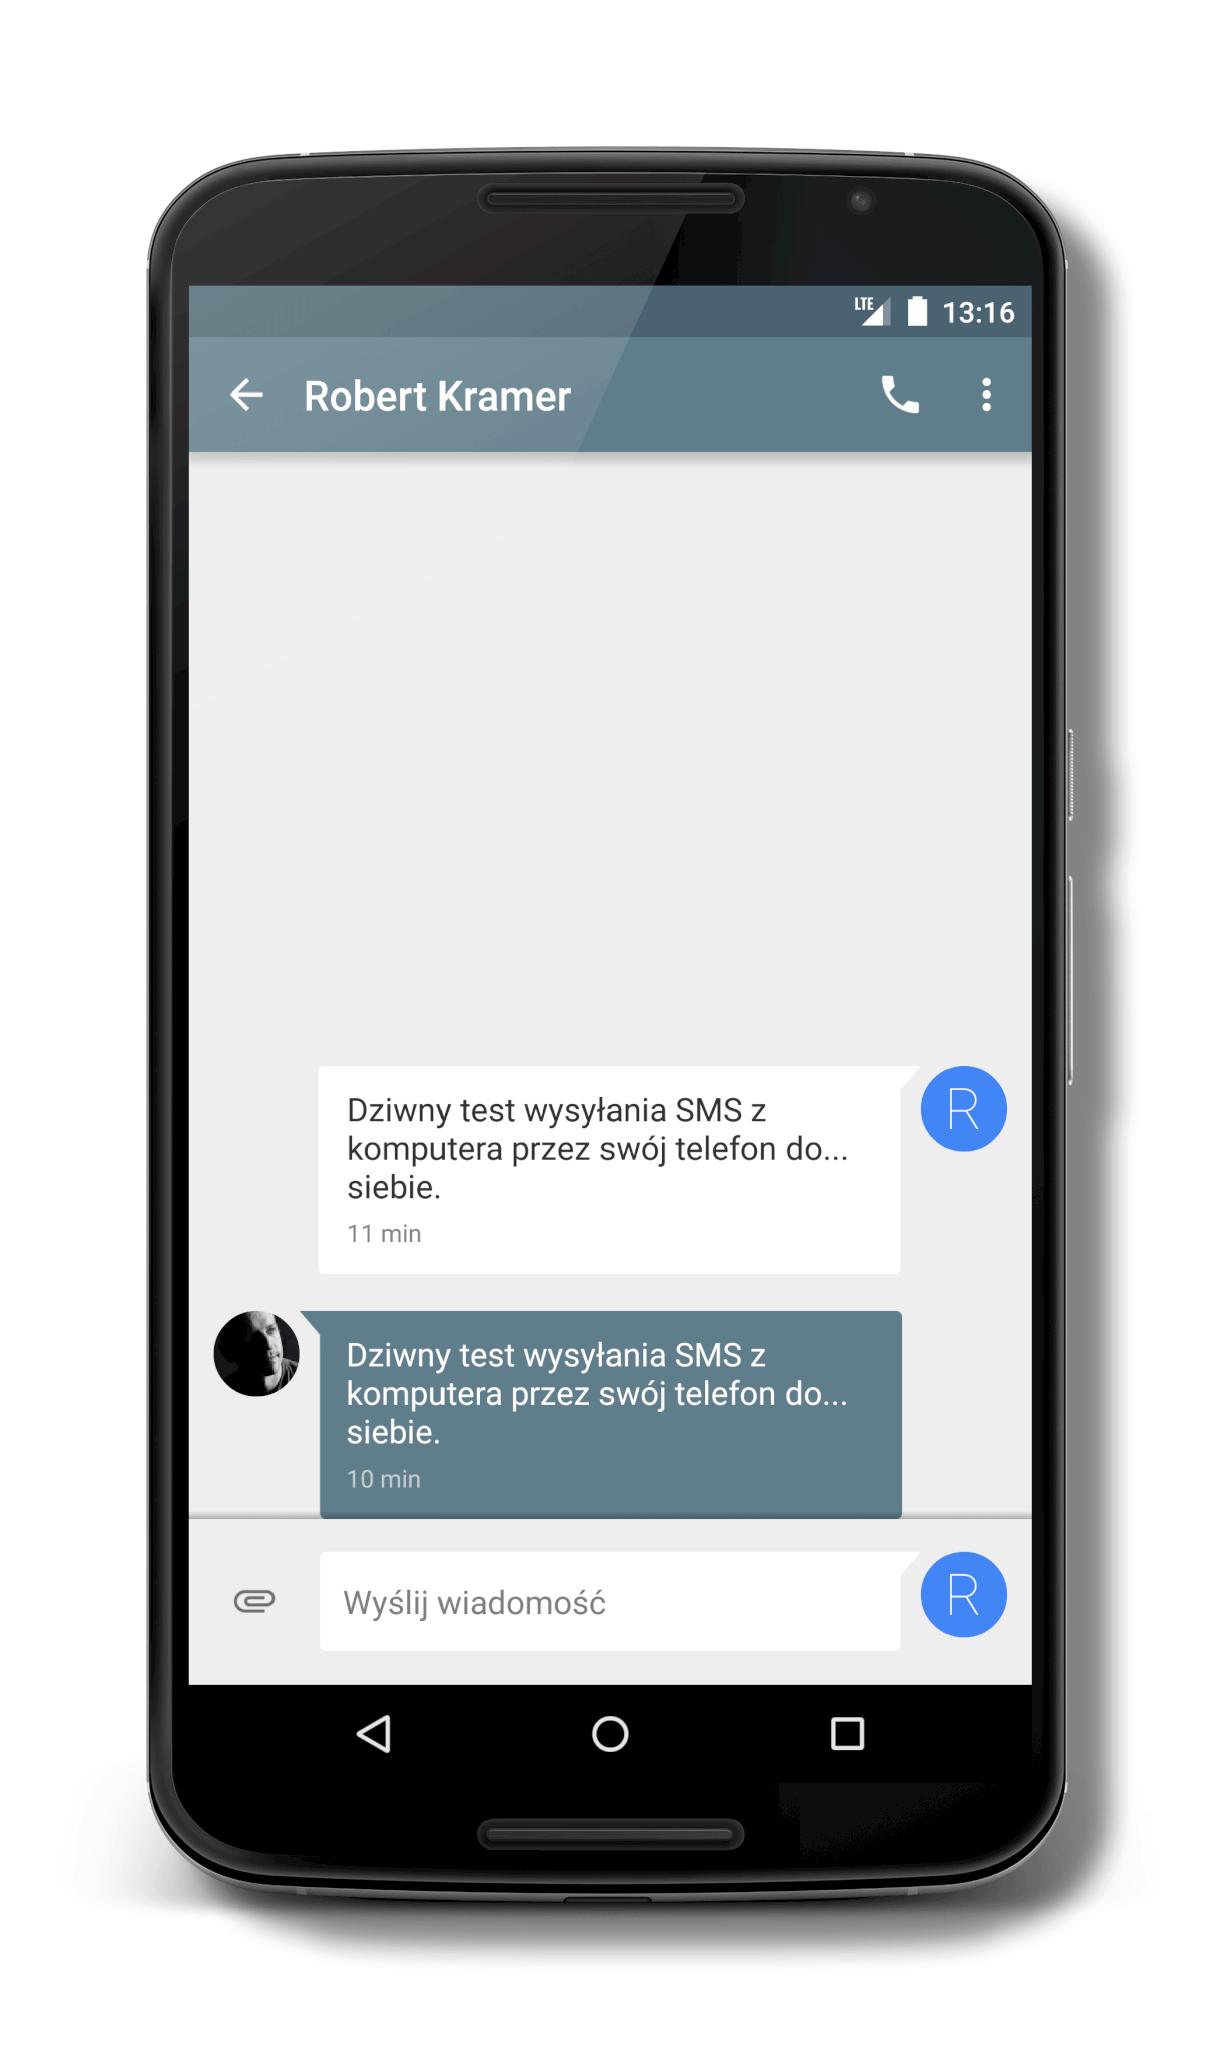 wysyłanie SMS-ów do kogoś po podłączeniu młode serwisy randkowe afryka południowa